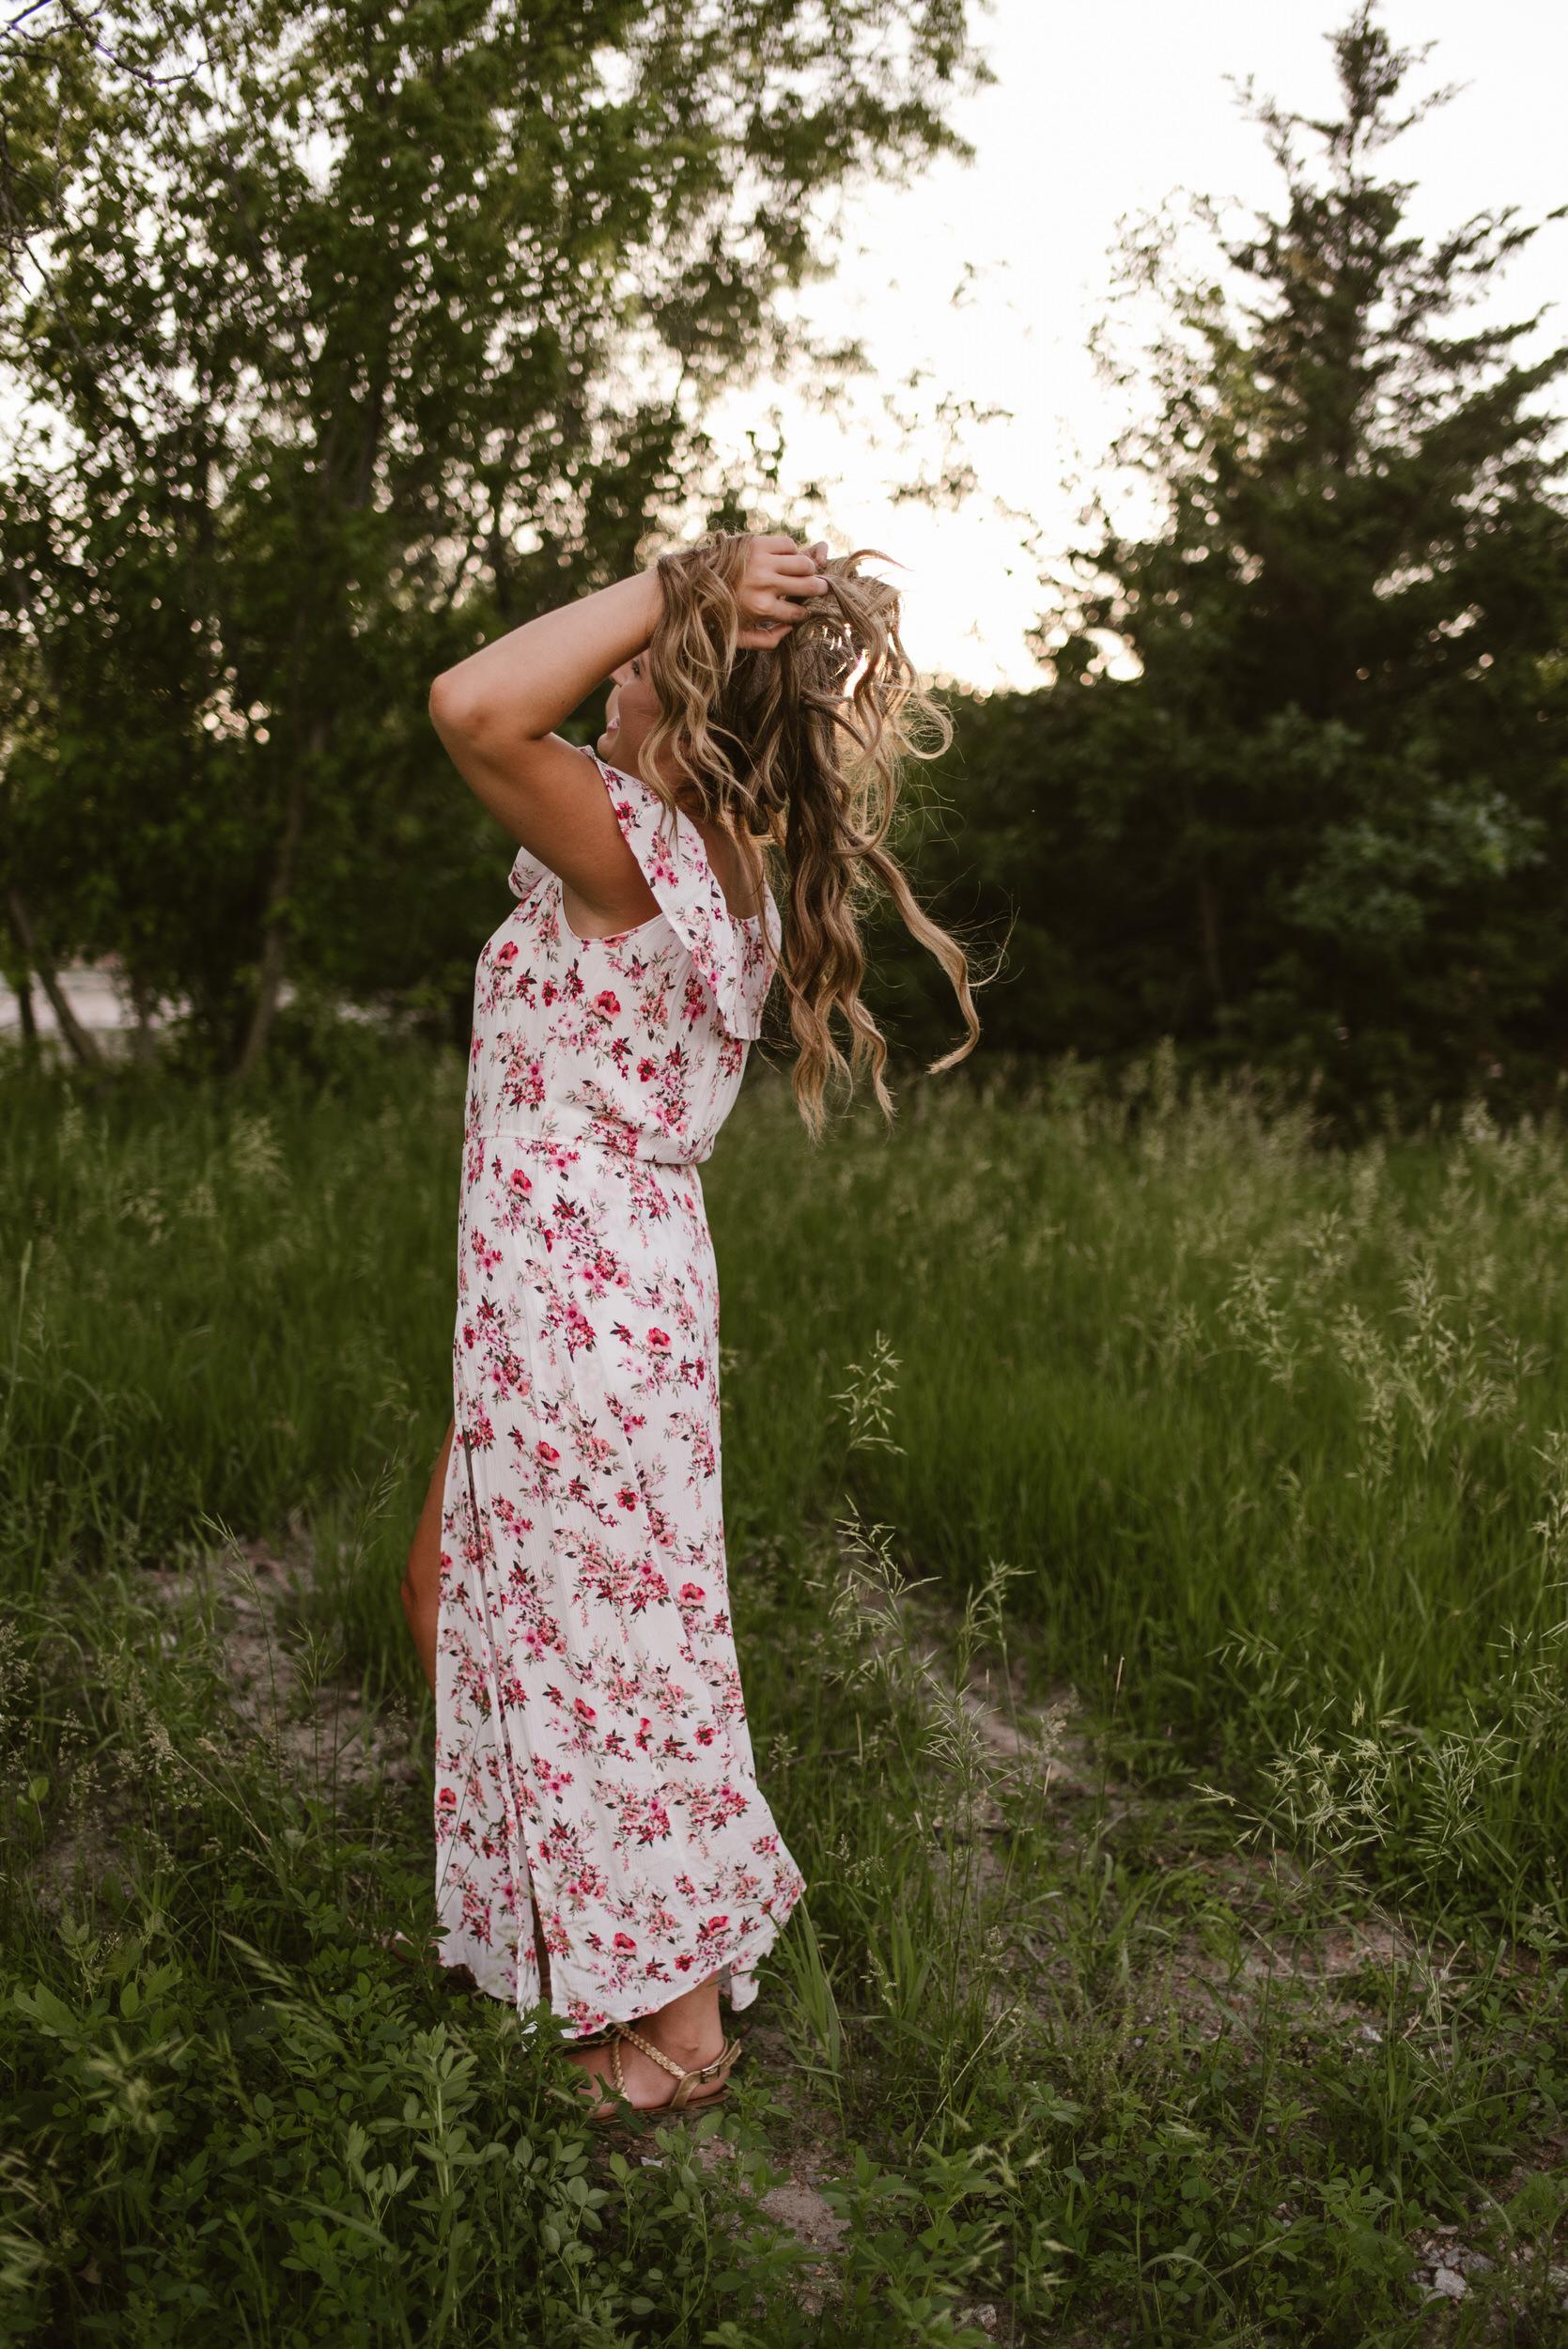 Grand-Island-Senior-Kaylie-Sirek-Photography-036.jpg